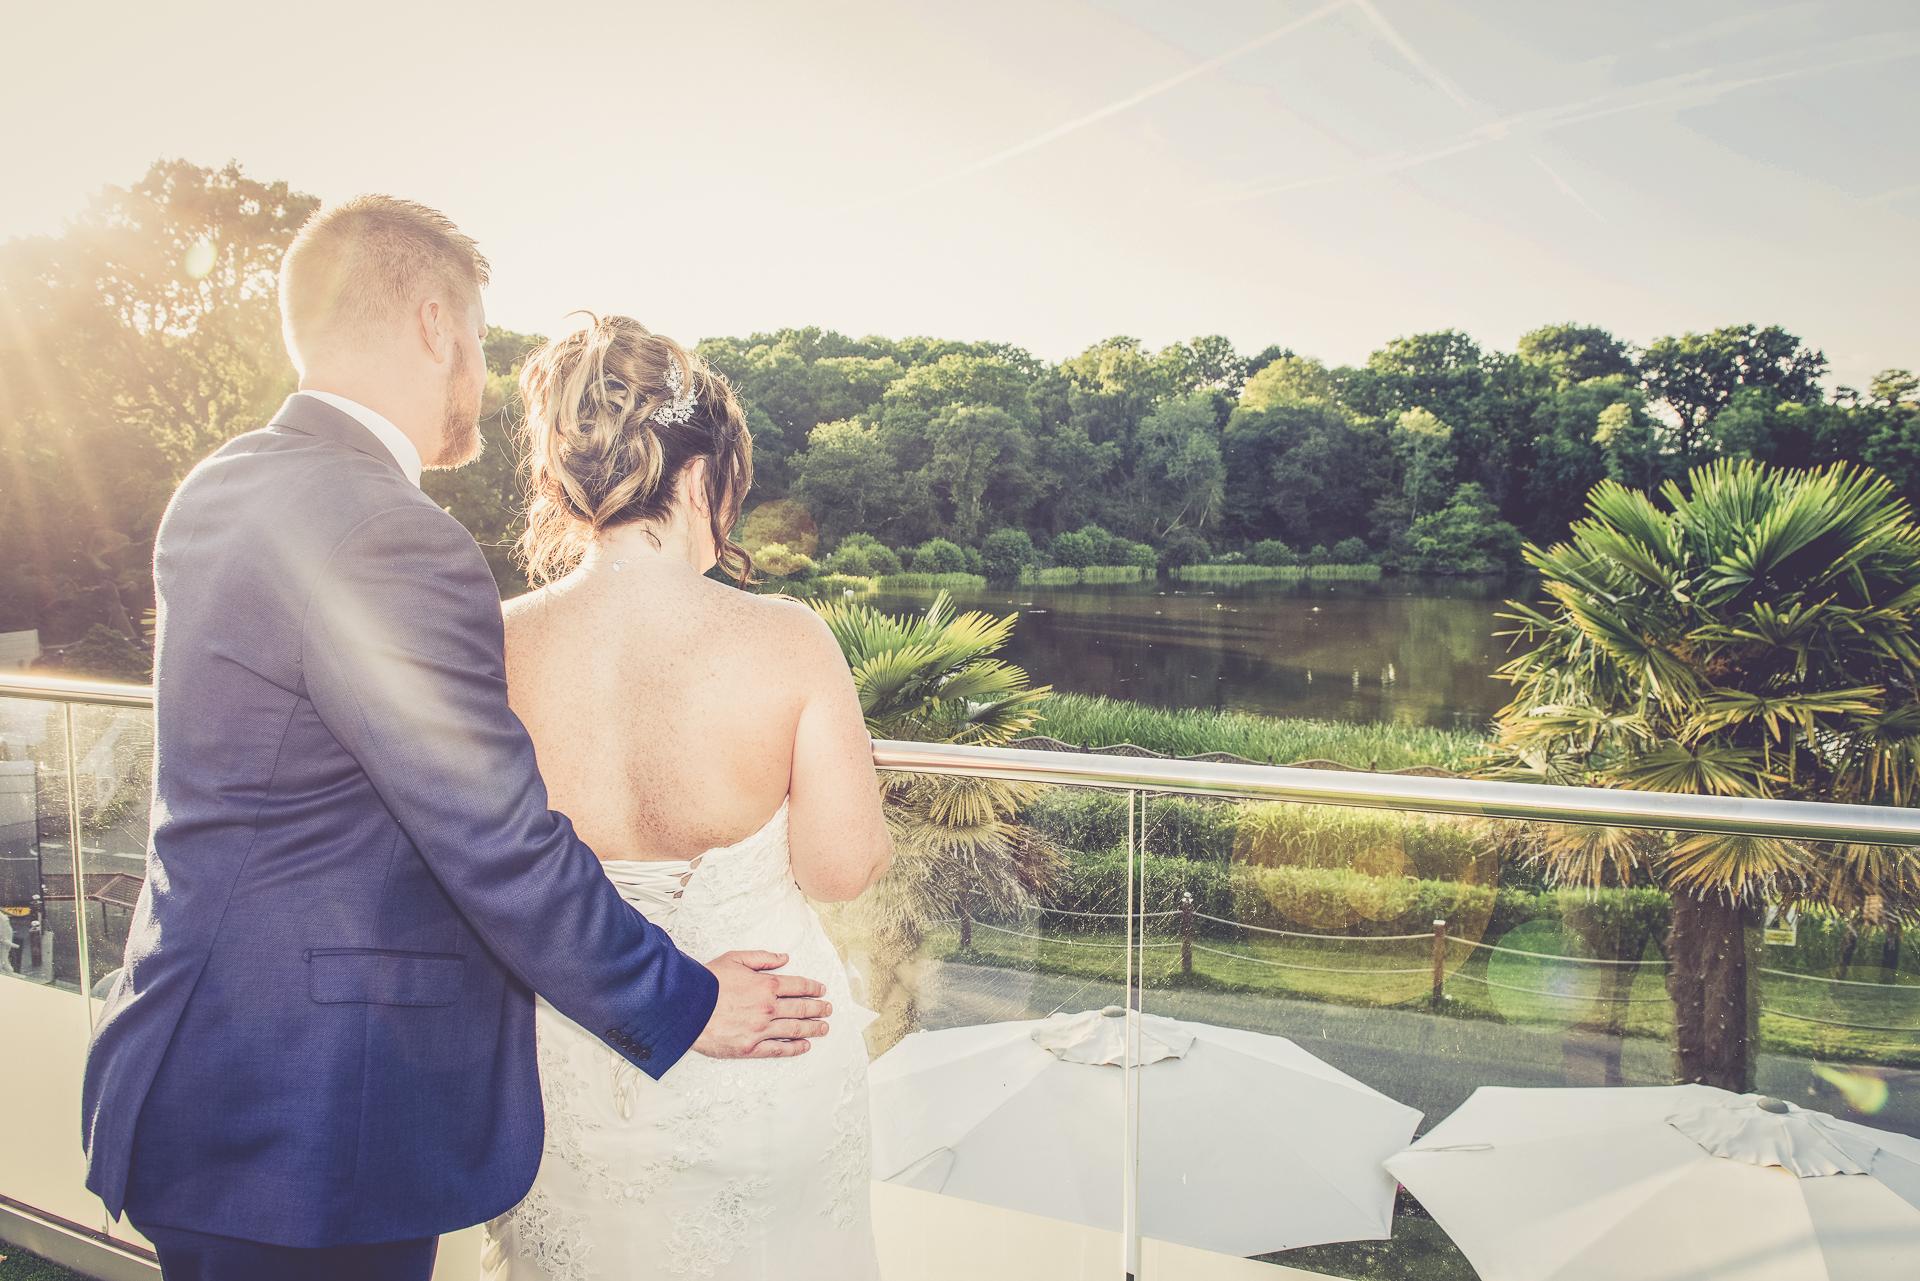 Frensham-Pond-Hotel-wedding_76.JPG